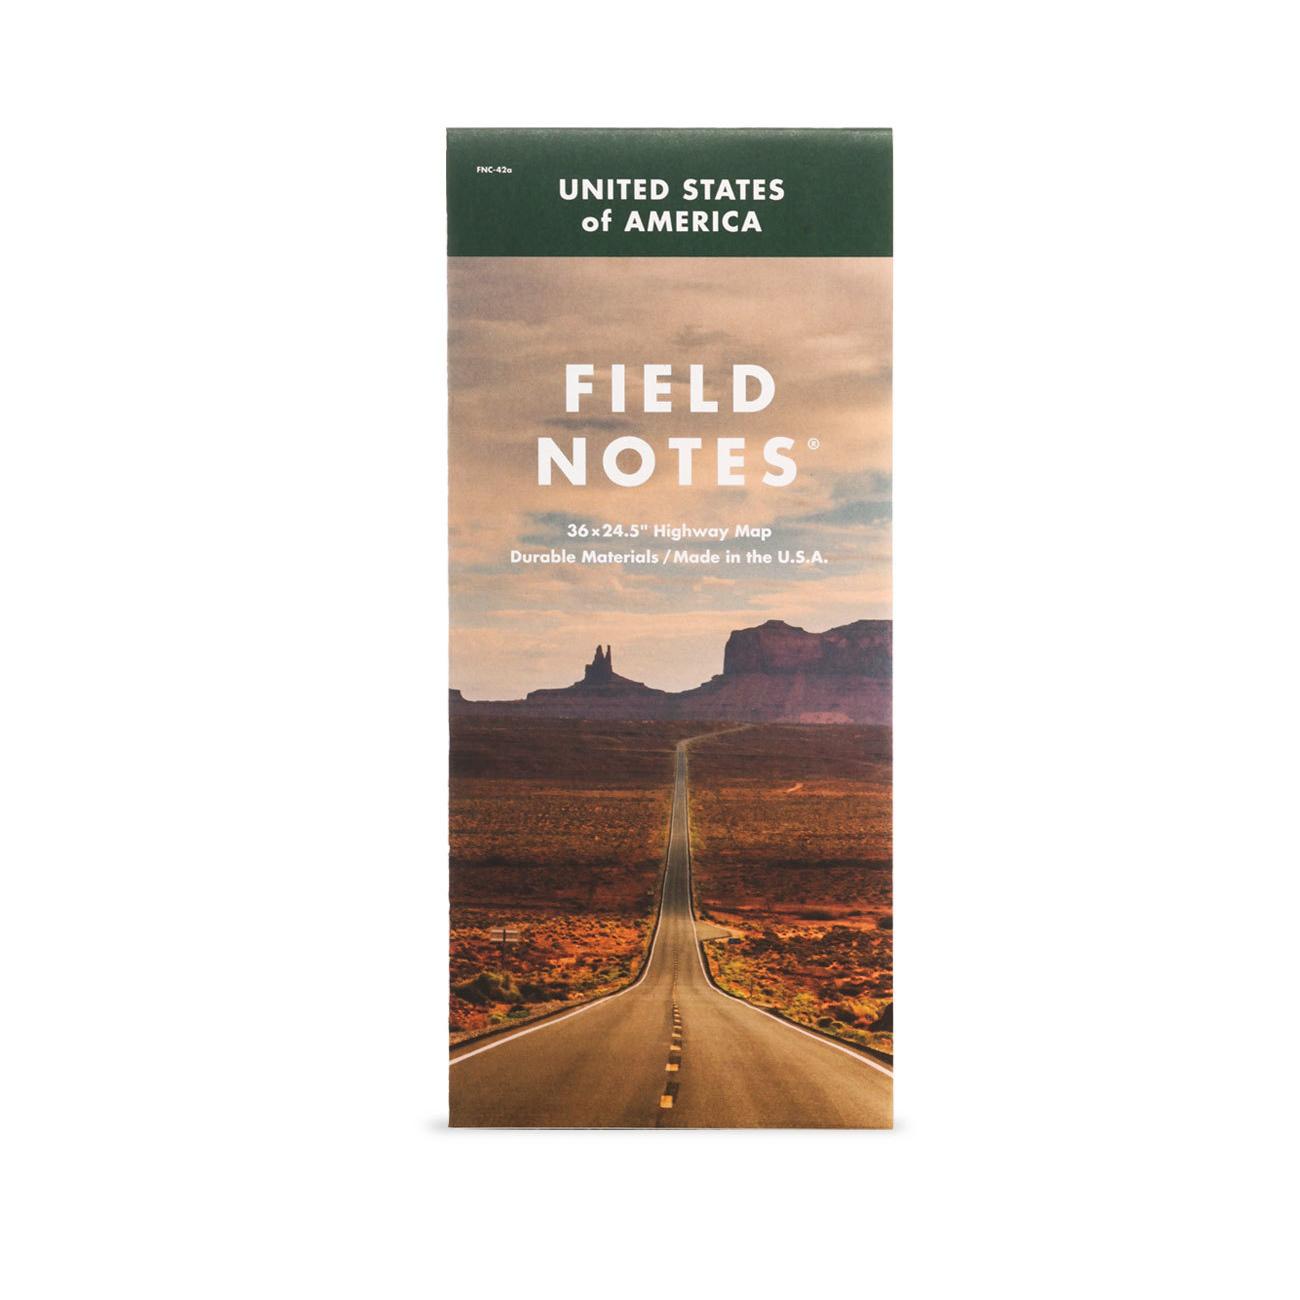 Field Notes, Highway Map, Straßenkarte der USA,